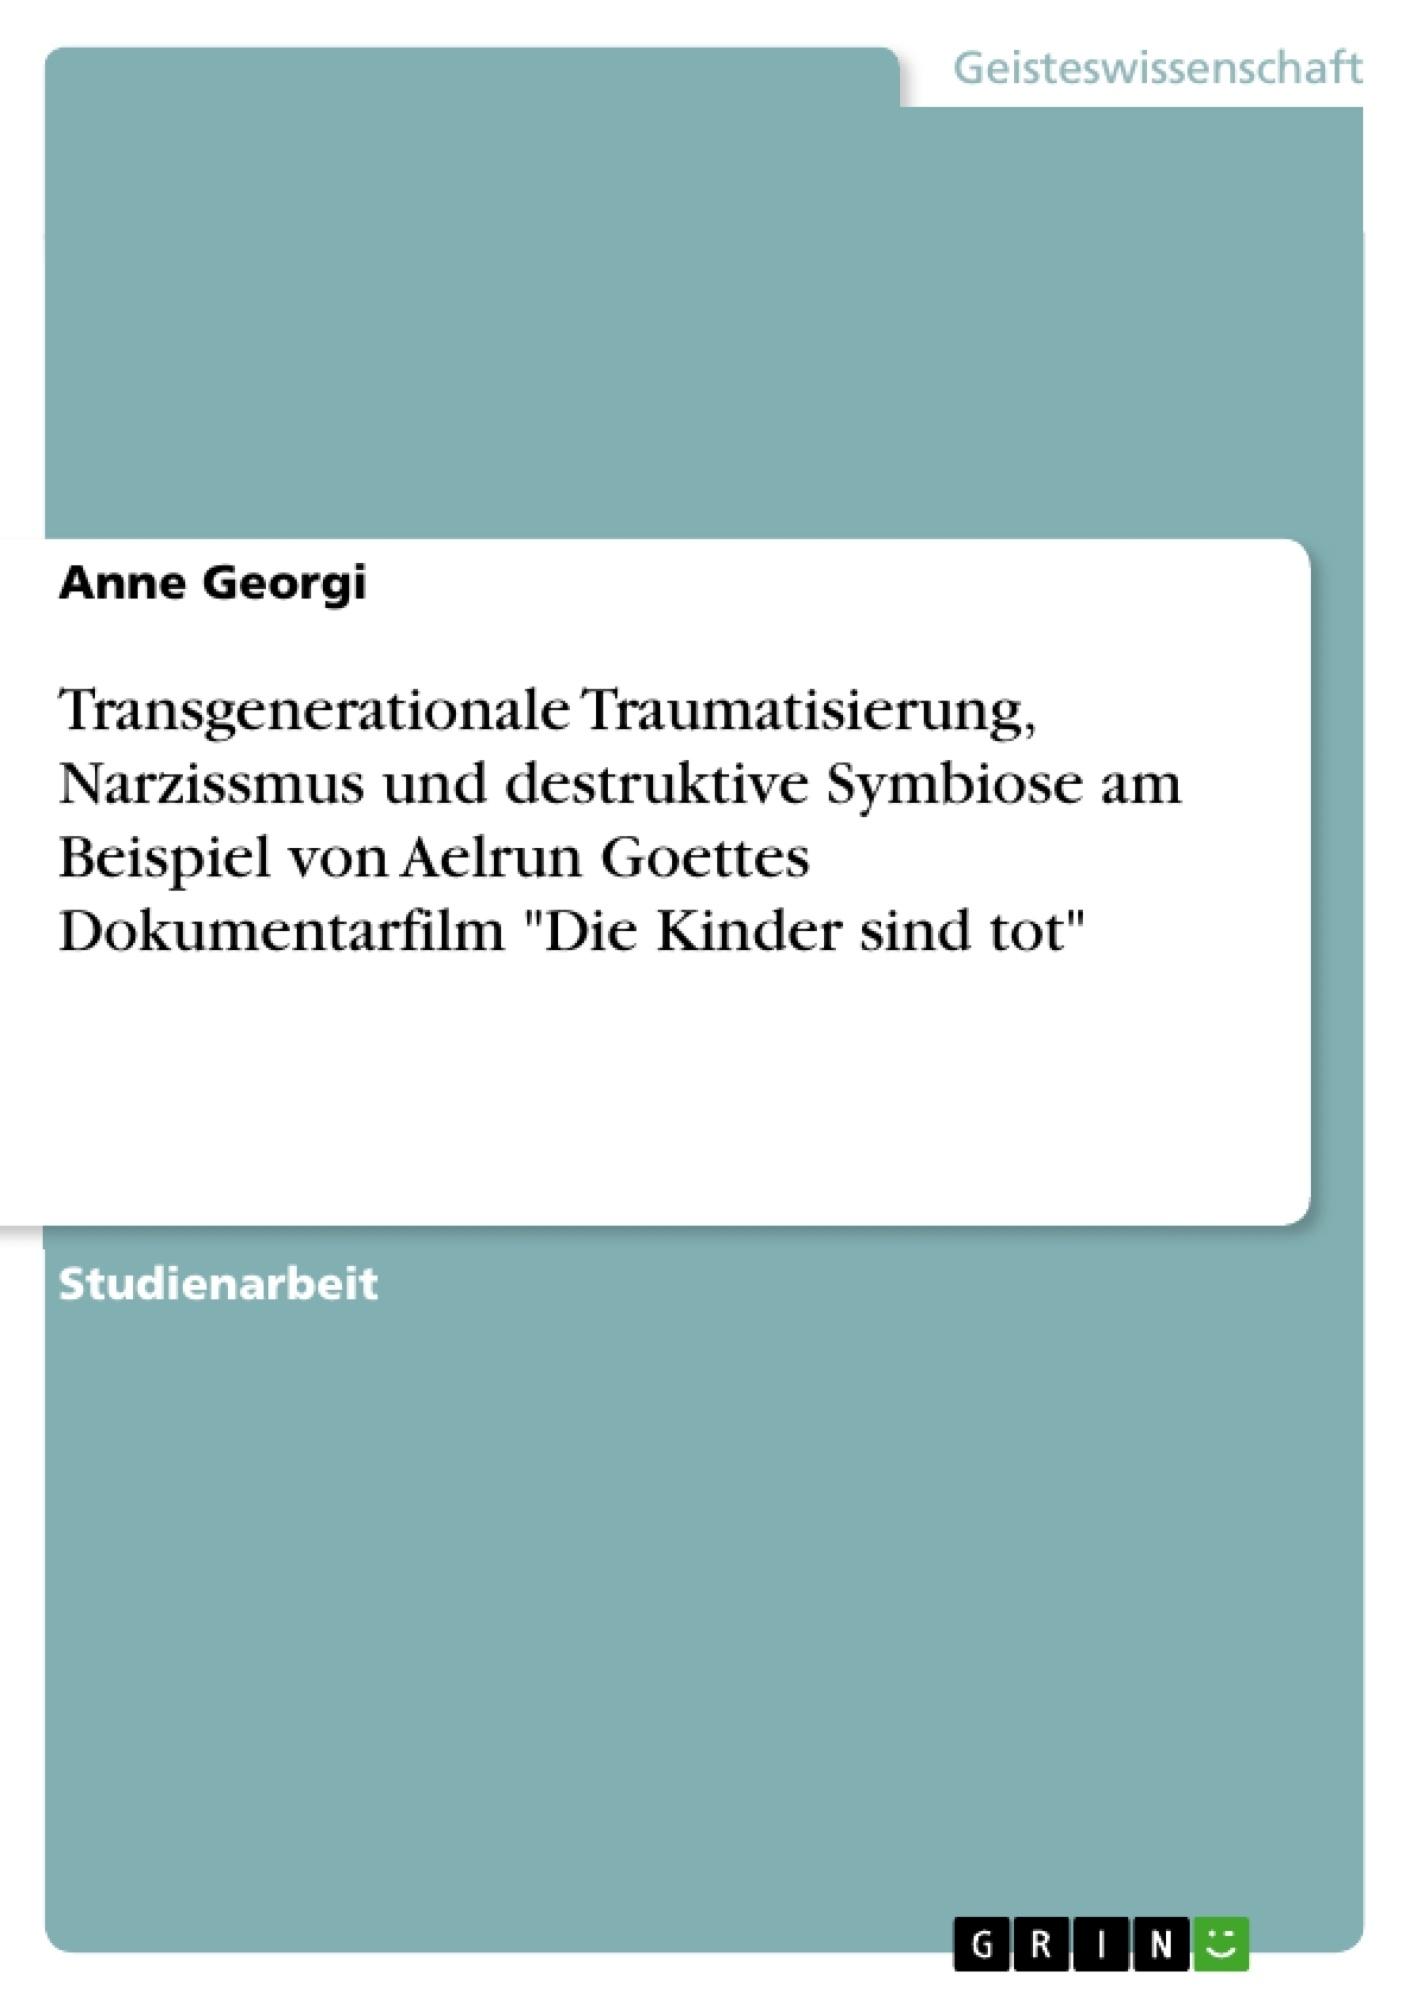 """Titel: Transgenerationale Traumatisierung, Narzissmus und destruktive Symbiose am Beispiel von Aelrun Goettes Dokumentarfilm """"Die Kinder sind tot"""""""